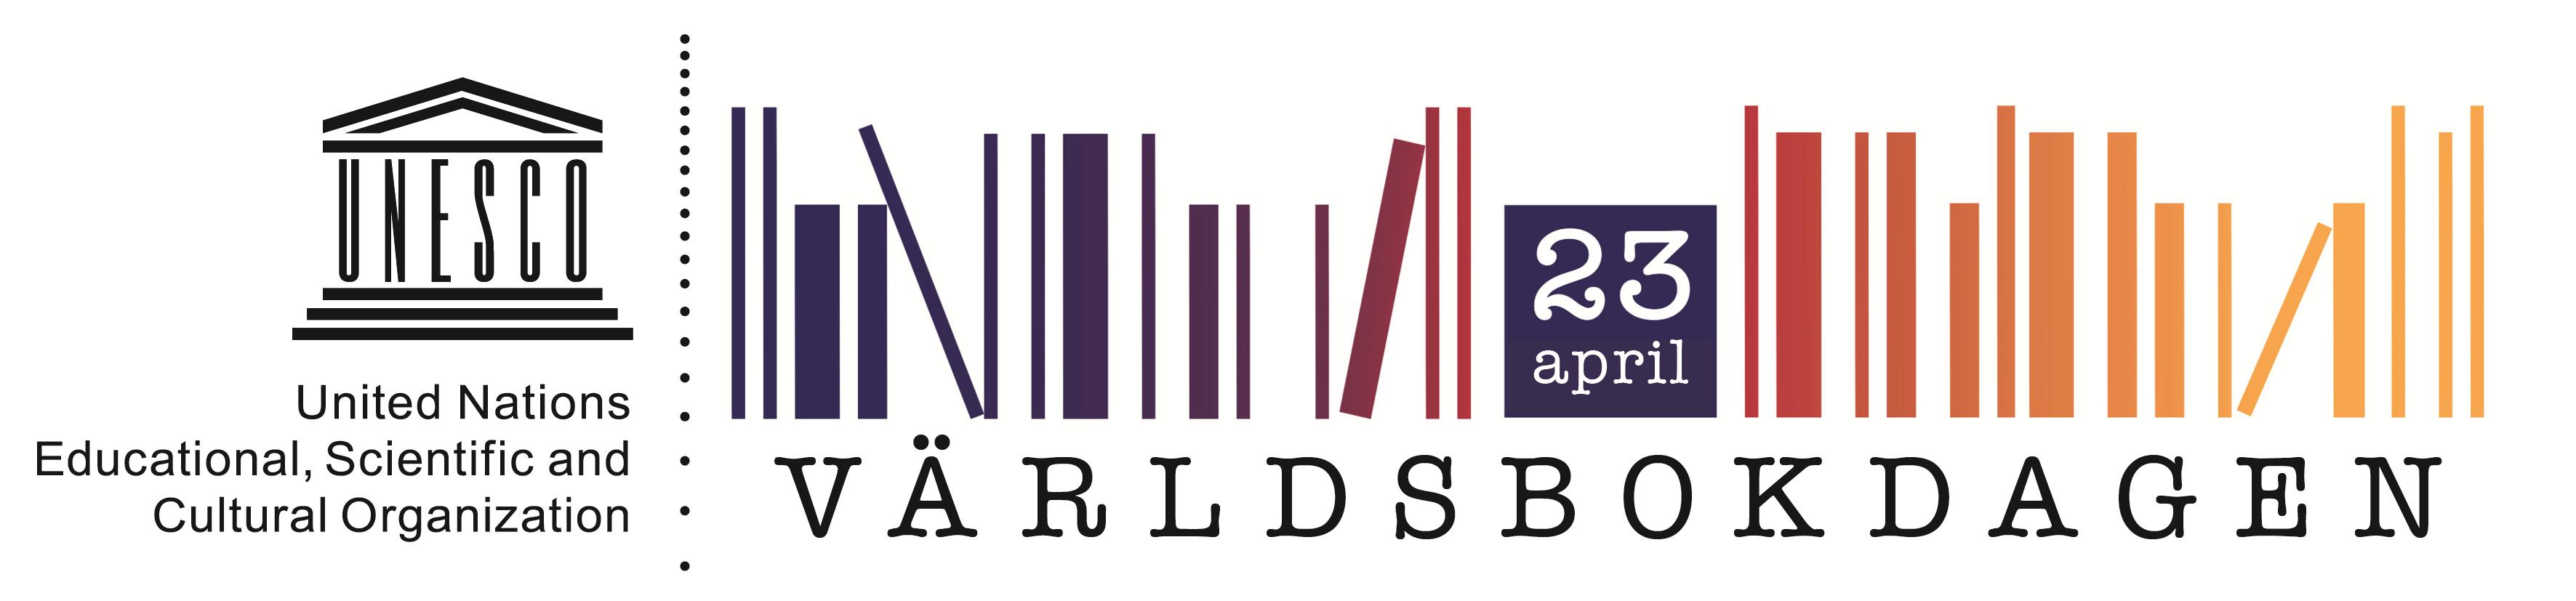 Pressbild för världsbokdagen 2017